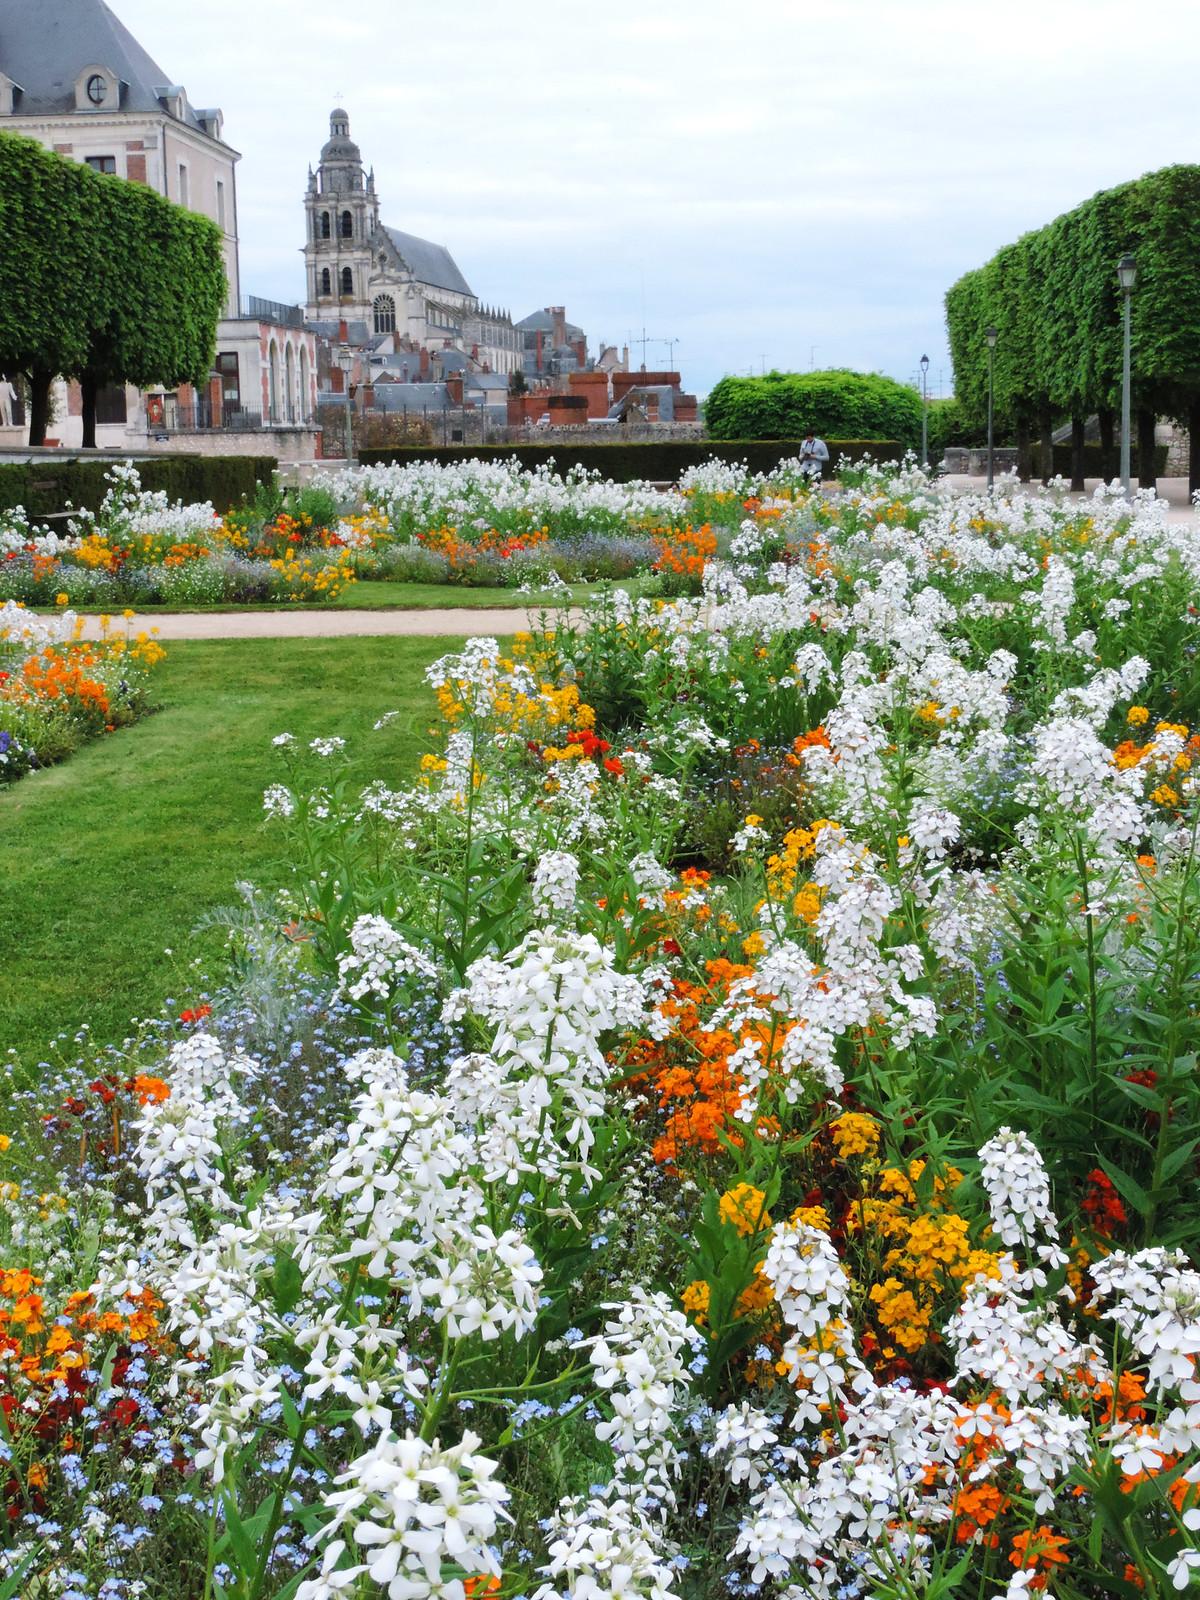 Festival Of Flowers: Blois, France